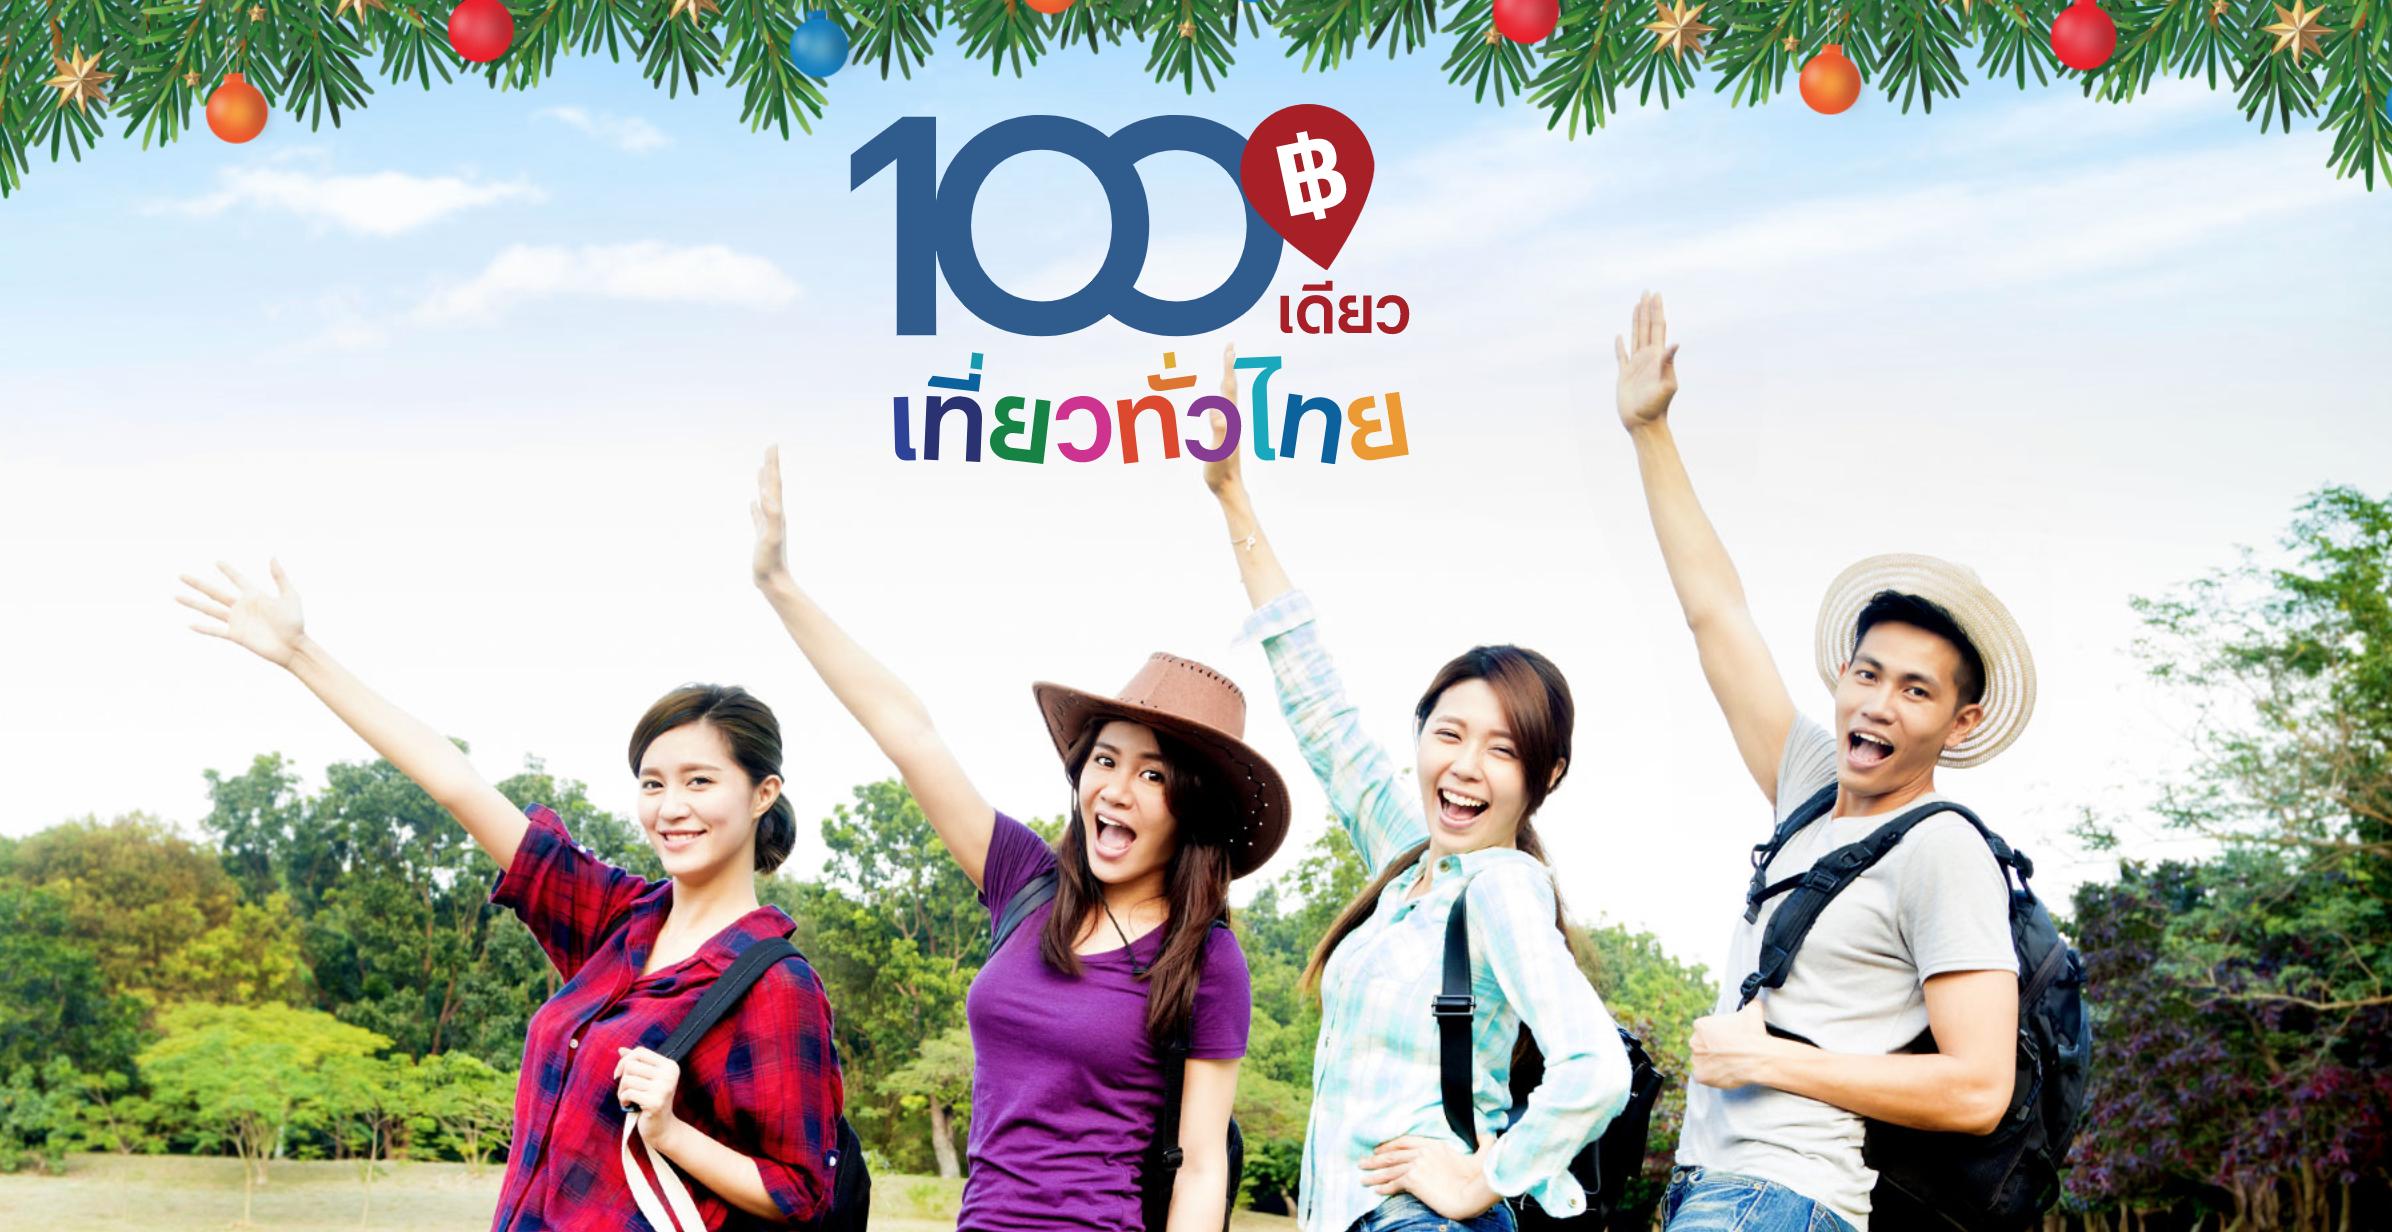 100เดียวเที่ยวทั่วไทย ข่าวสดวันนี้ ลงทะเบียน100เดียวเที่ยวทั่วไทย